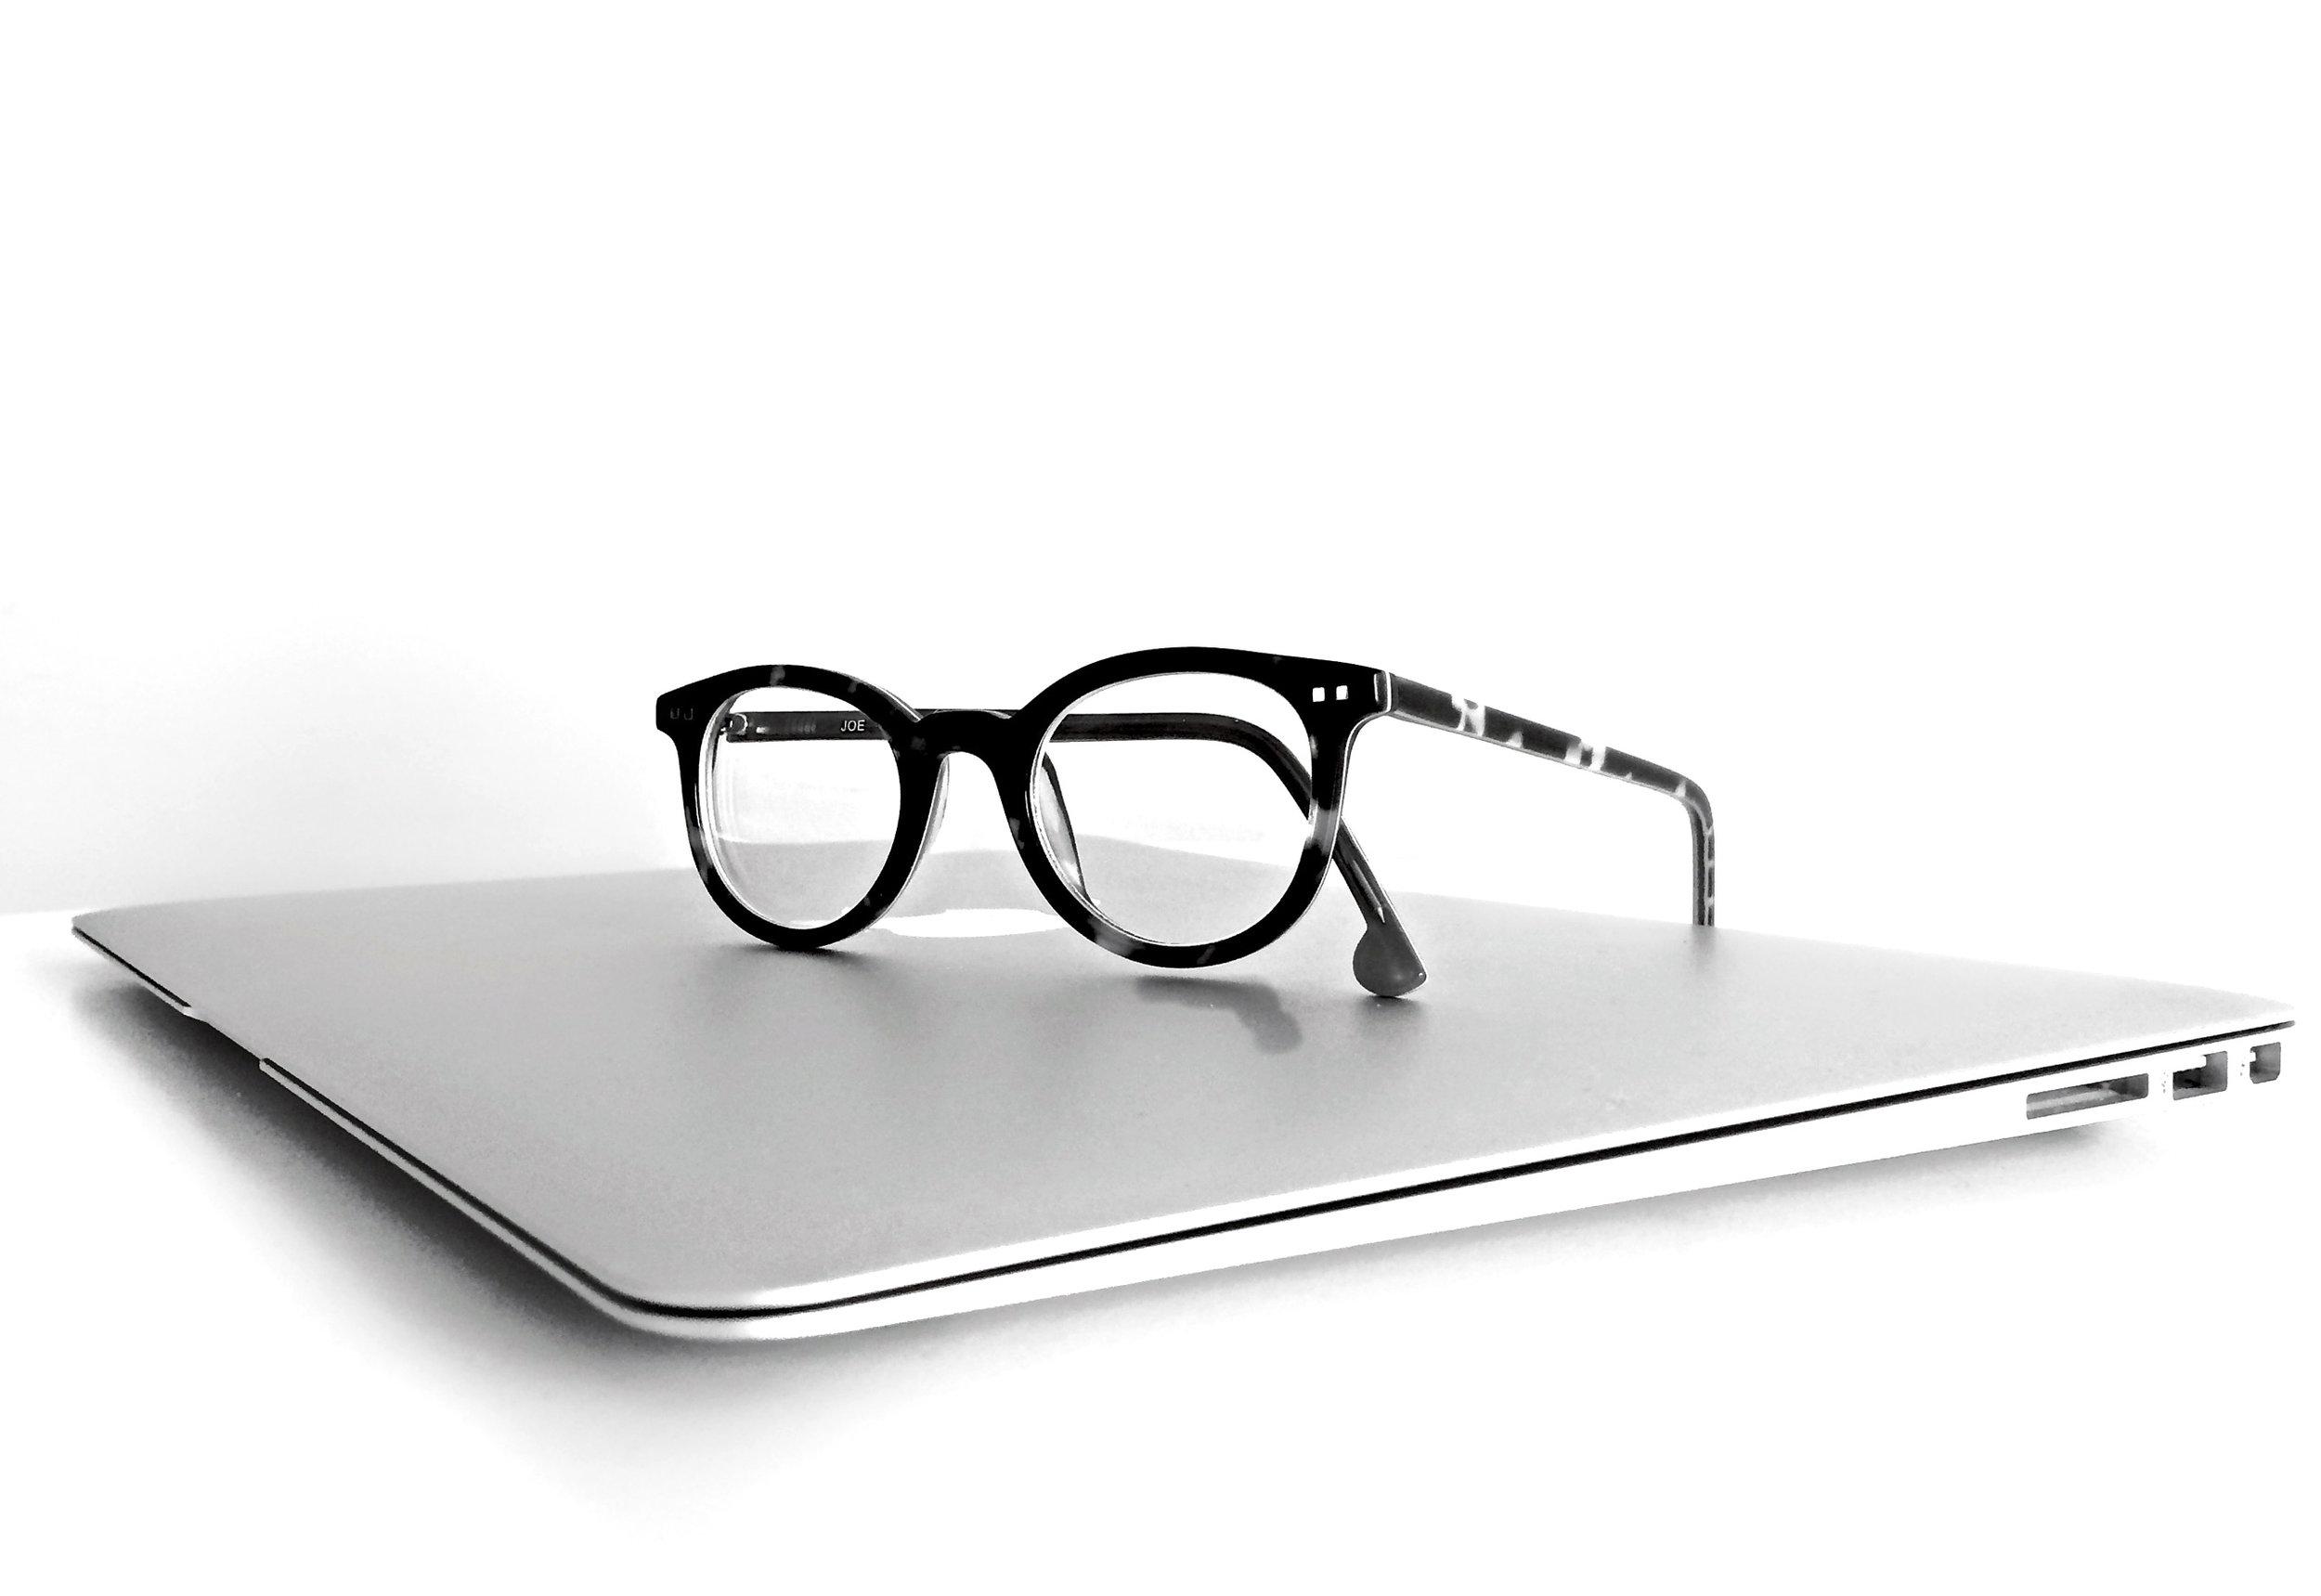 macbook-laptop-computer-technology-159417.jpg